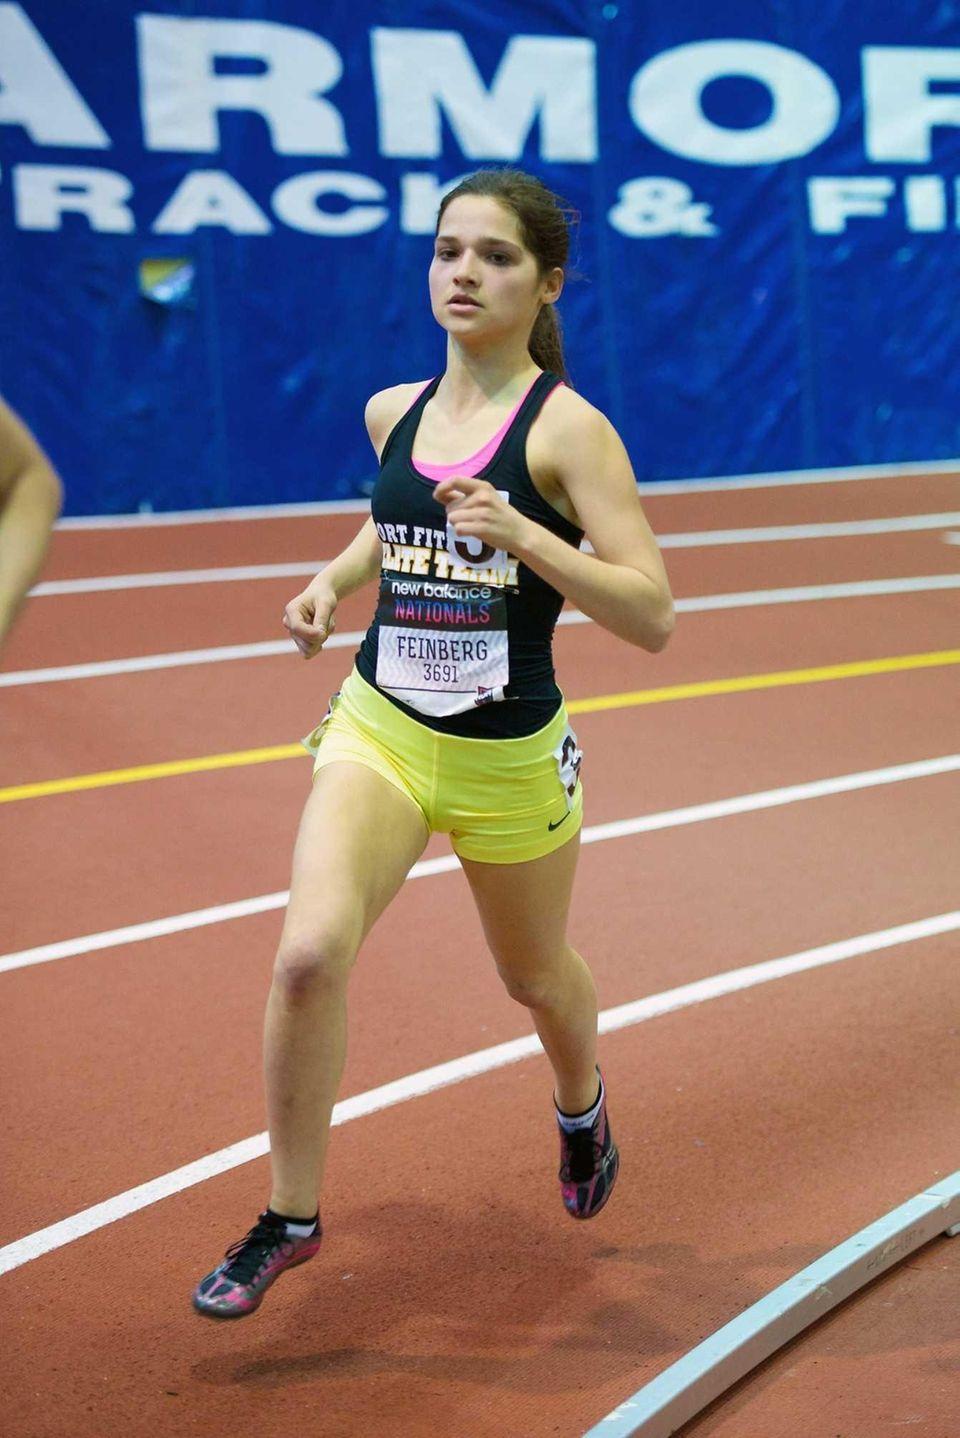 Joelle Feinberg of Port Washington runs in the